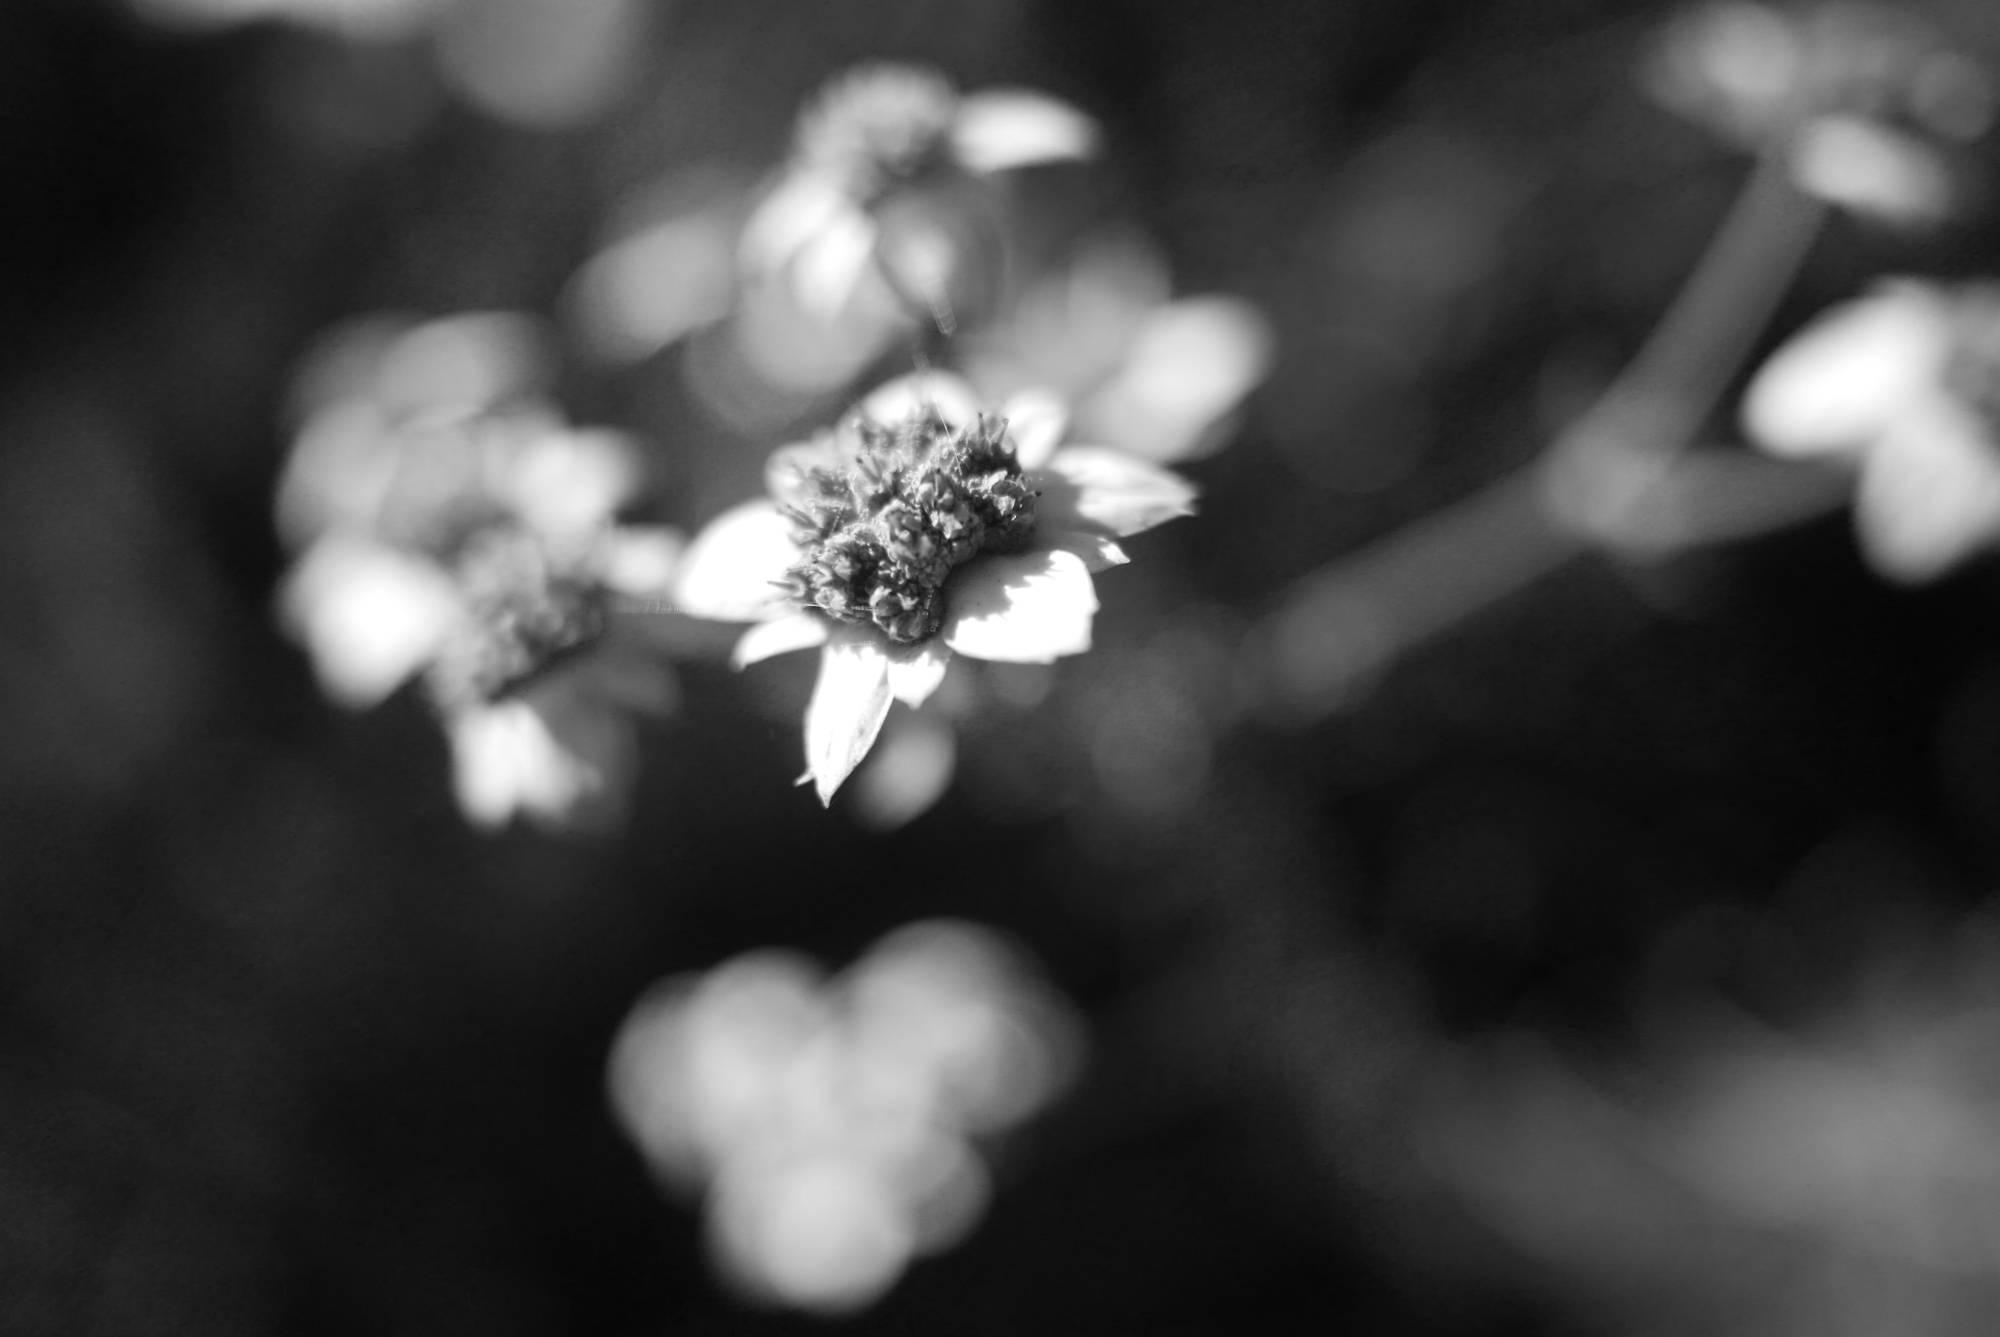 Flower, Mt. Hanang